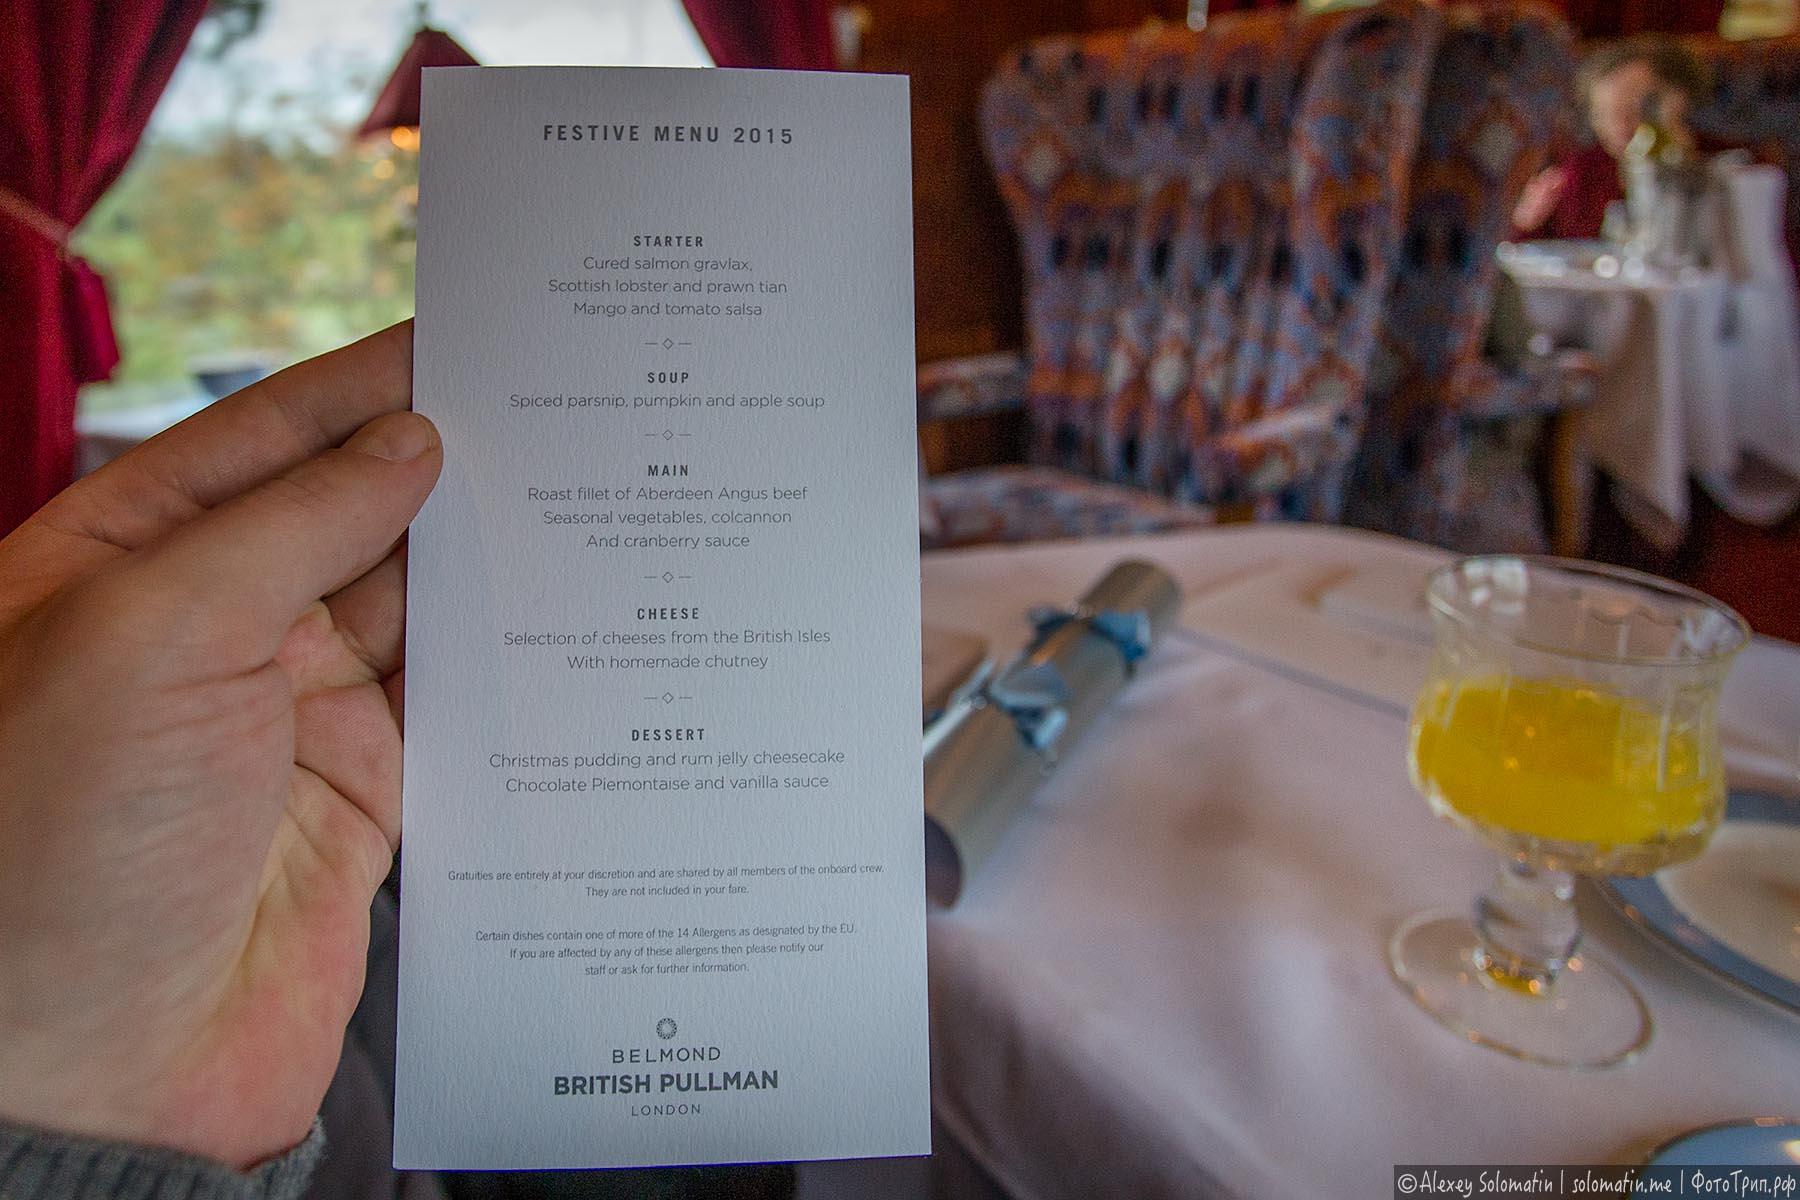 Праздничный ланч в Восточном Экспрессе Belmond British Pullman